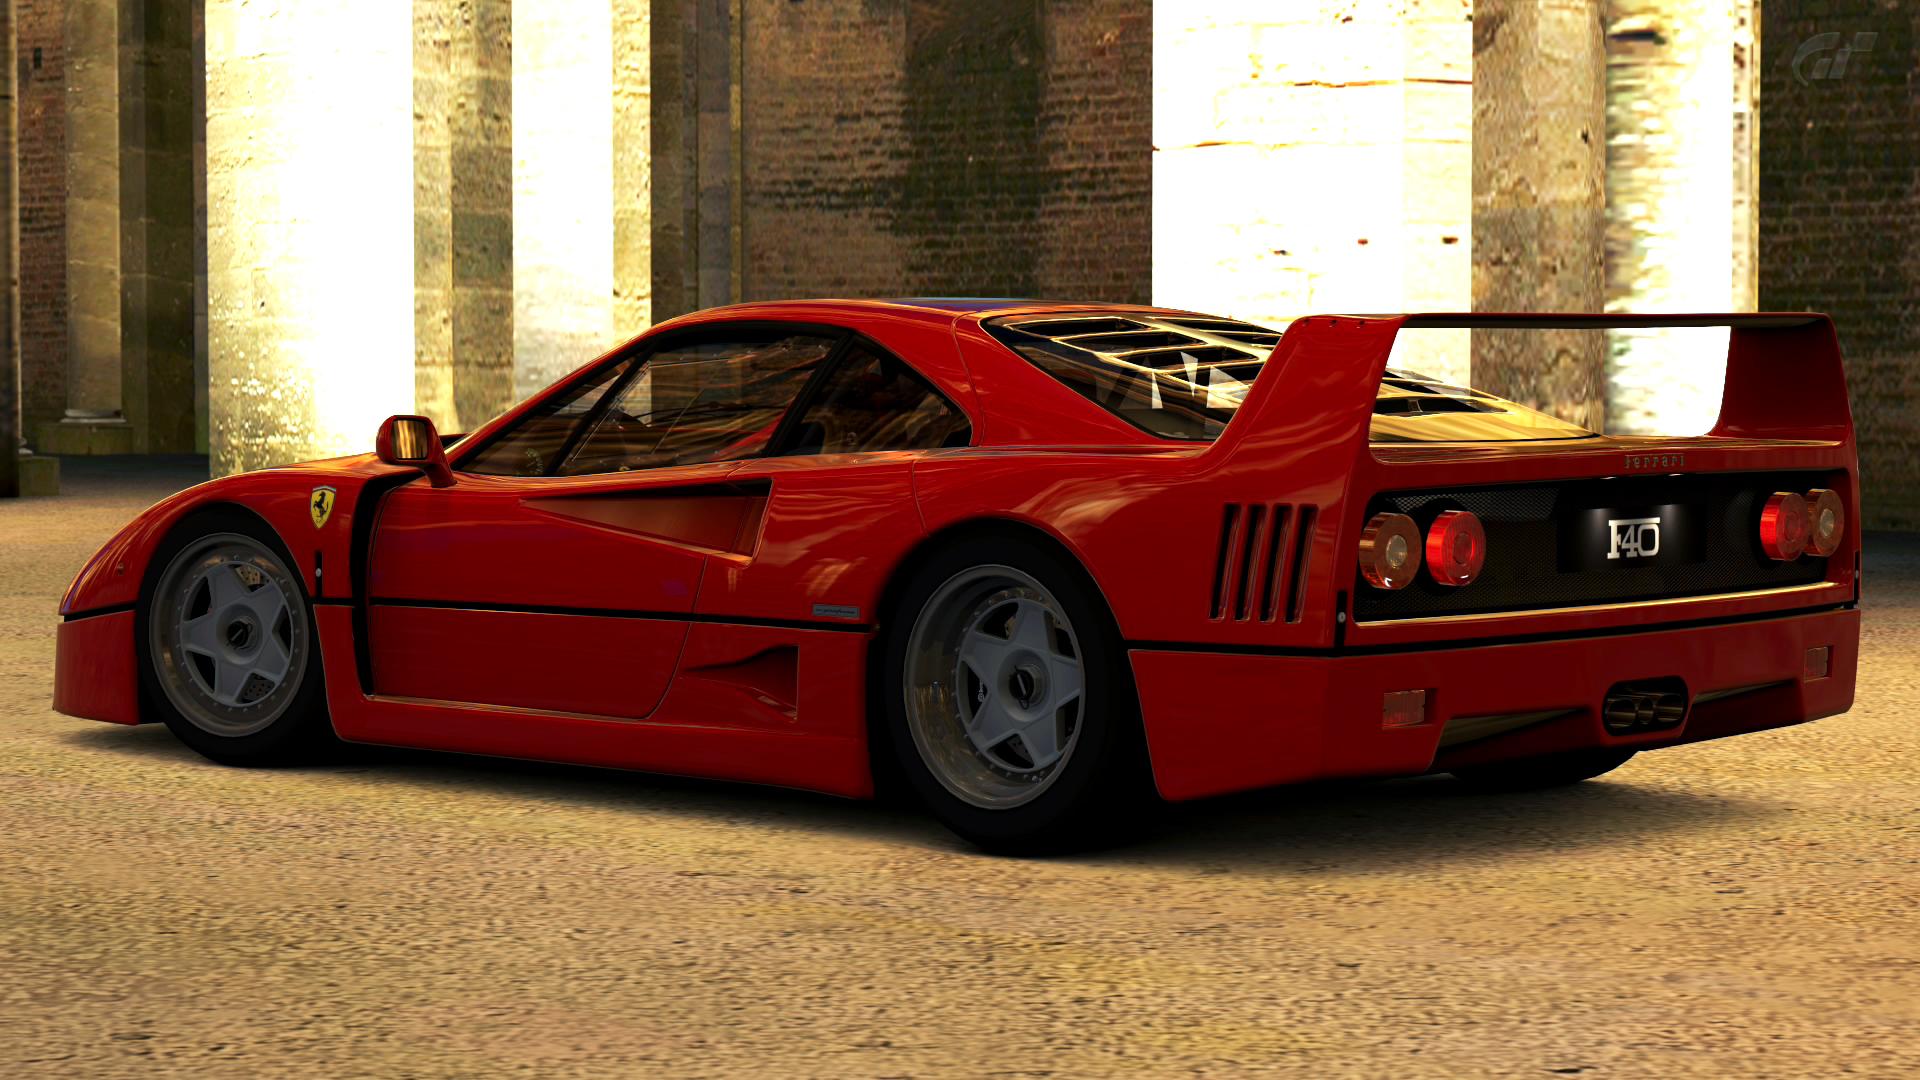 1992 Ferrari F40 Gran Turismo 5 By Vertualissimo On